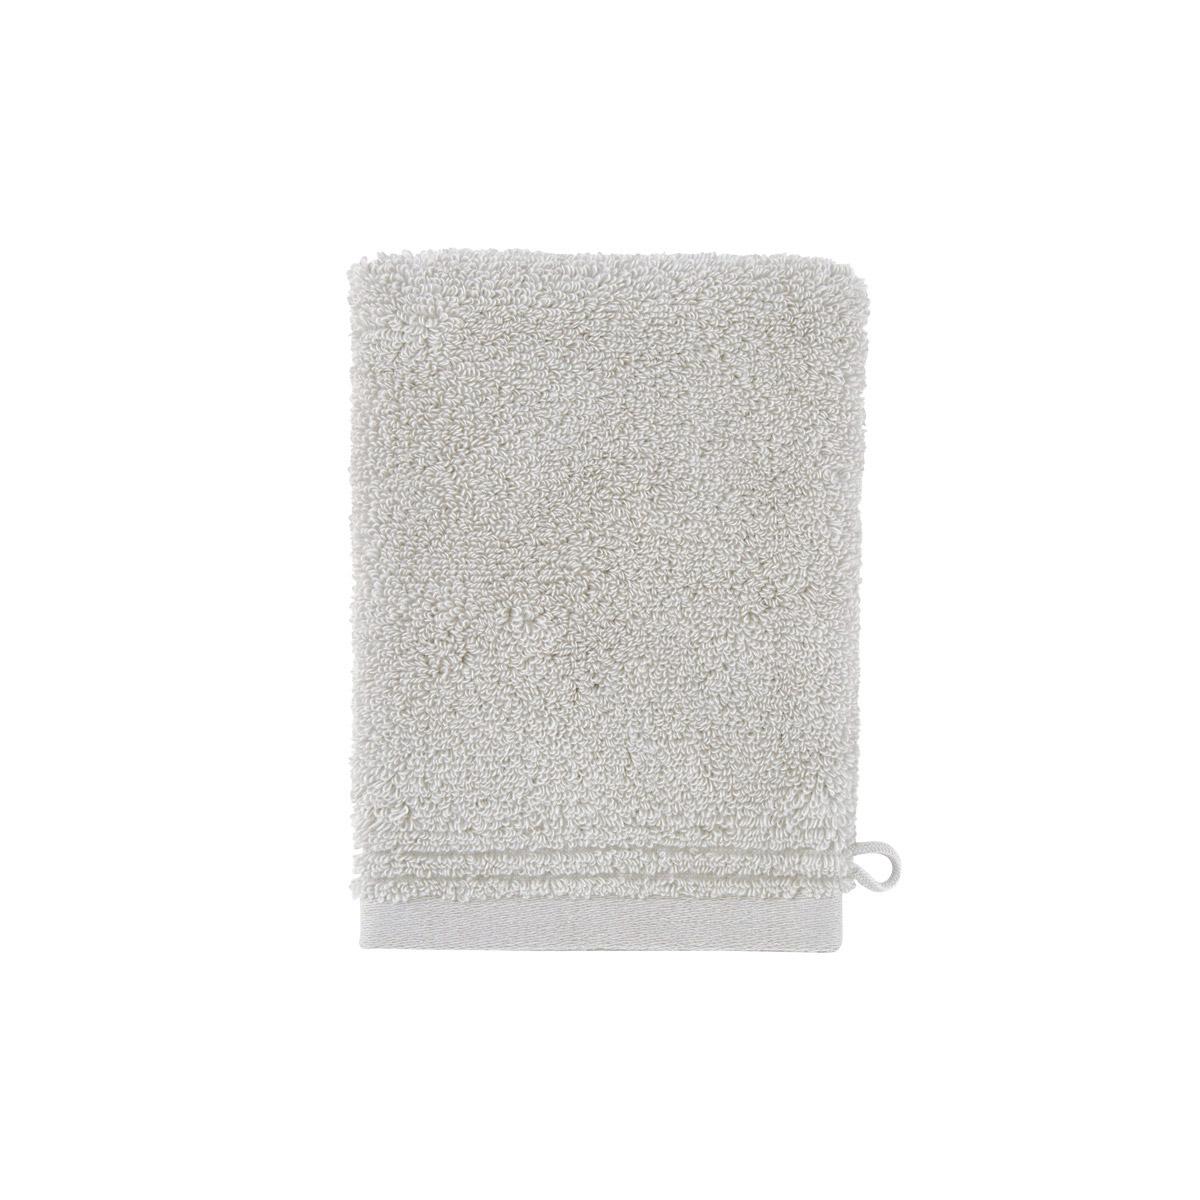 Gant de toilette coton peigné Gris 15 x 21 cm